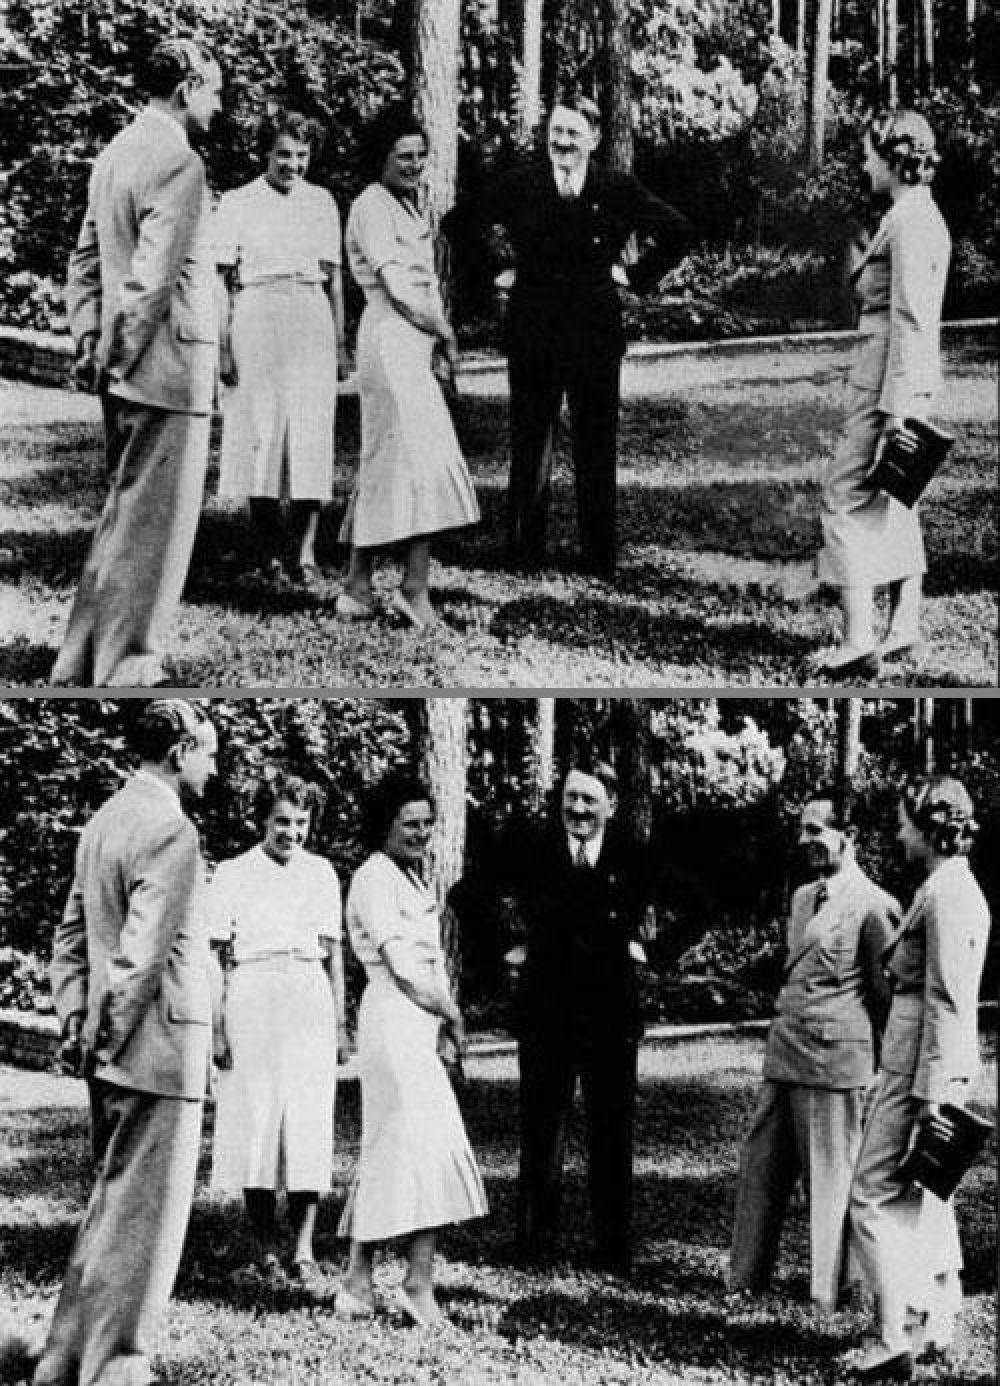 В фашистской Германии с одного из популярных снимков с участием Адольфа Гитлера и его окружения исчез Йозеф Геббельс. Неизвестно, по какой причине это было сделано.